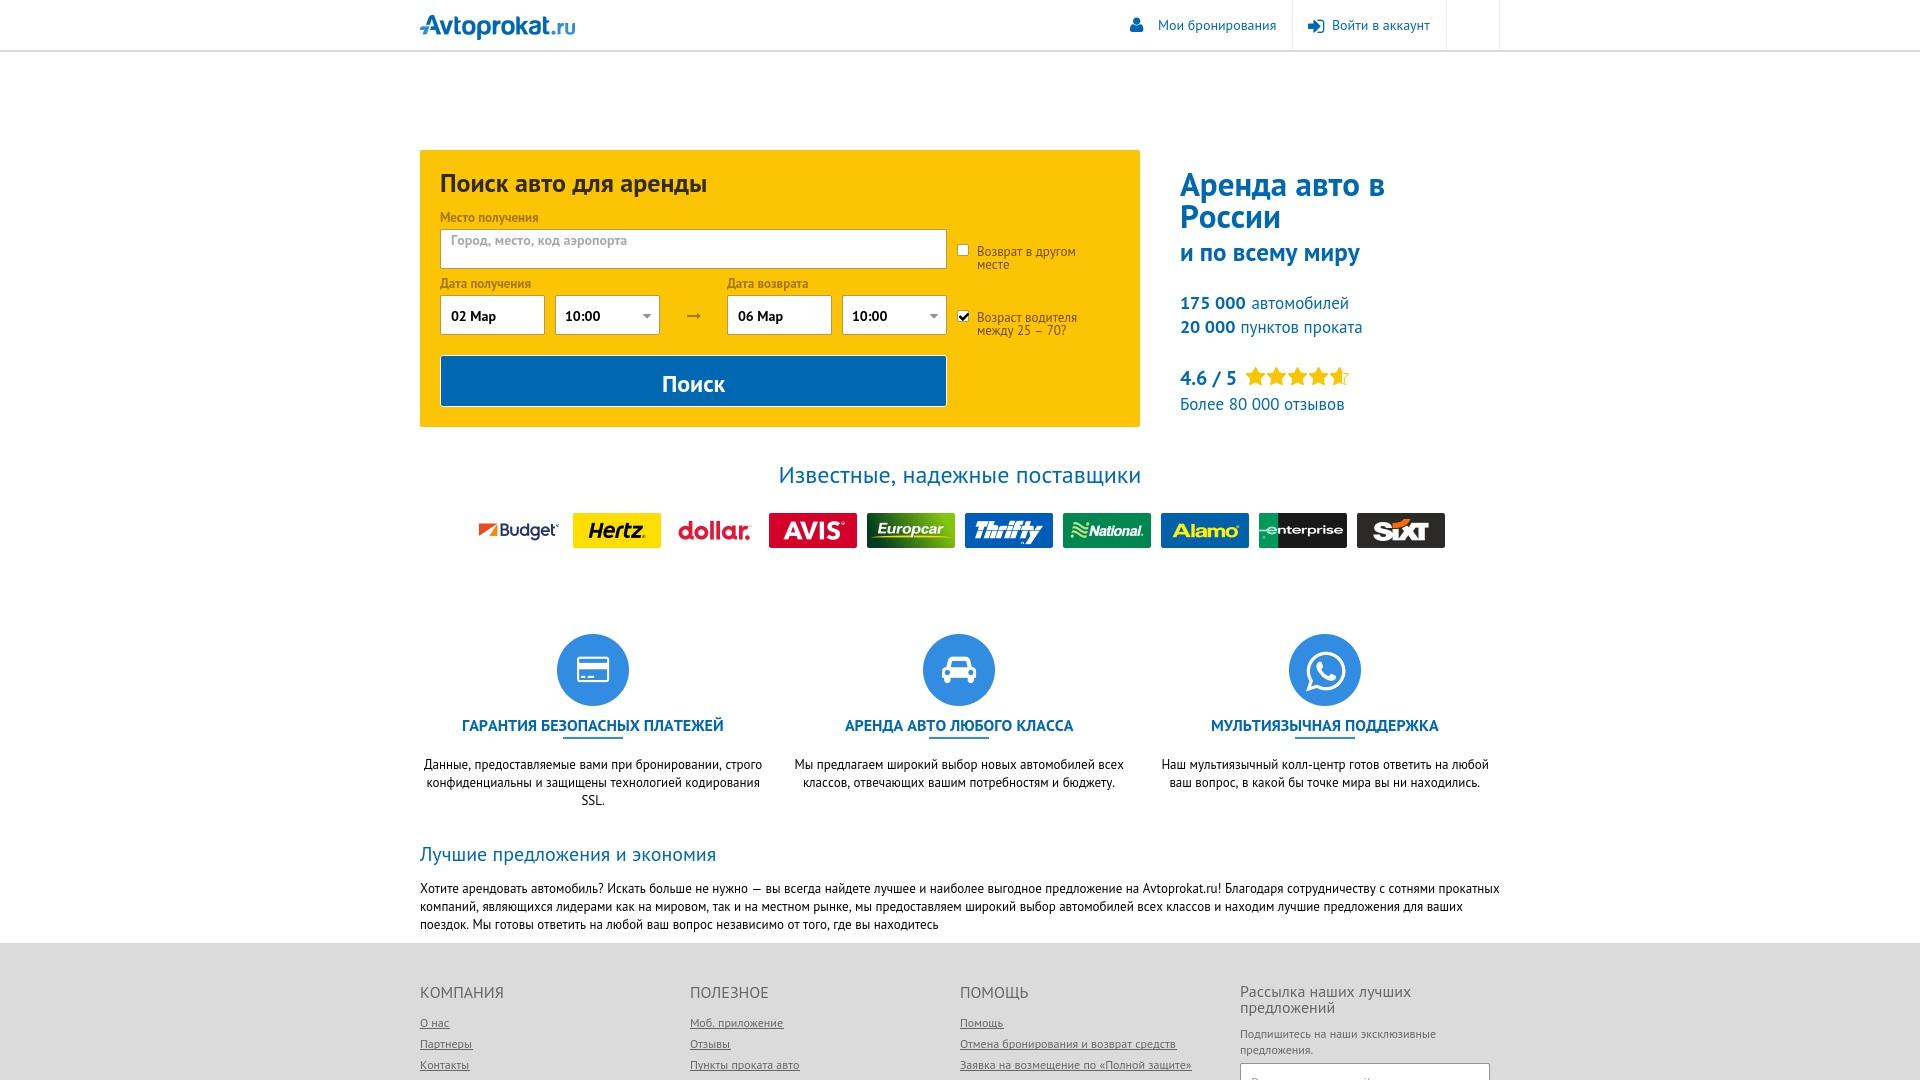 Gutschein für Avtoprokat: Rabatte für  Avtoprokat sichern